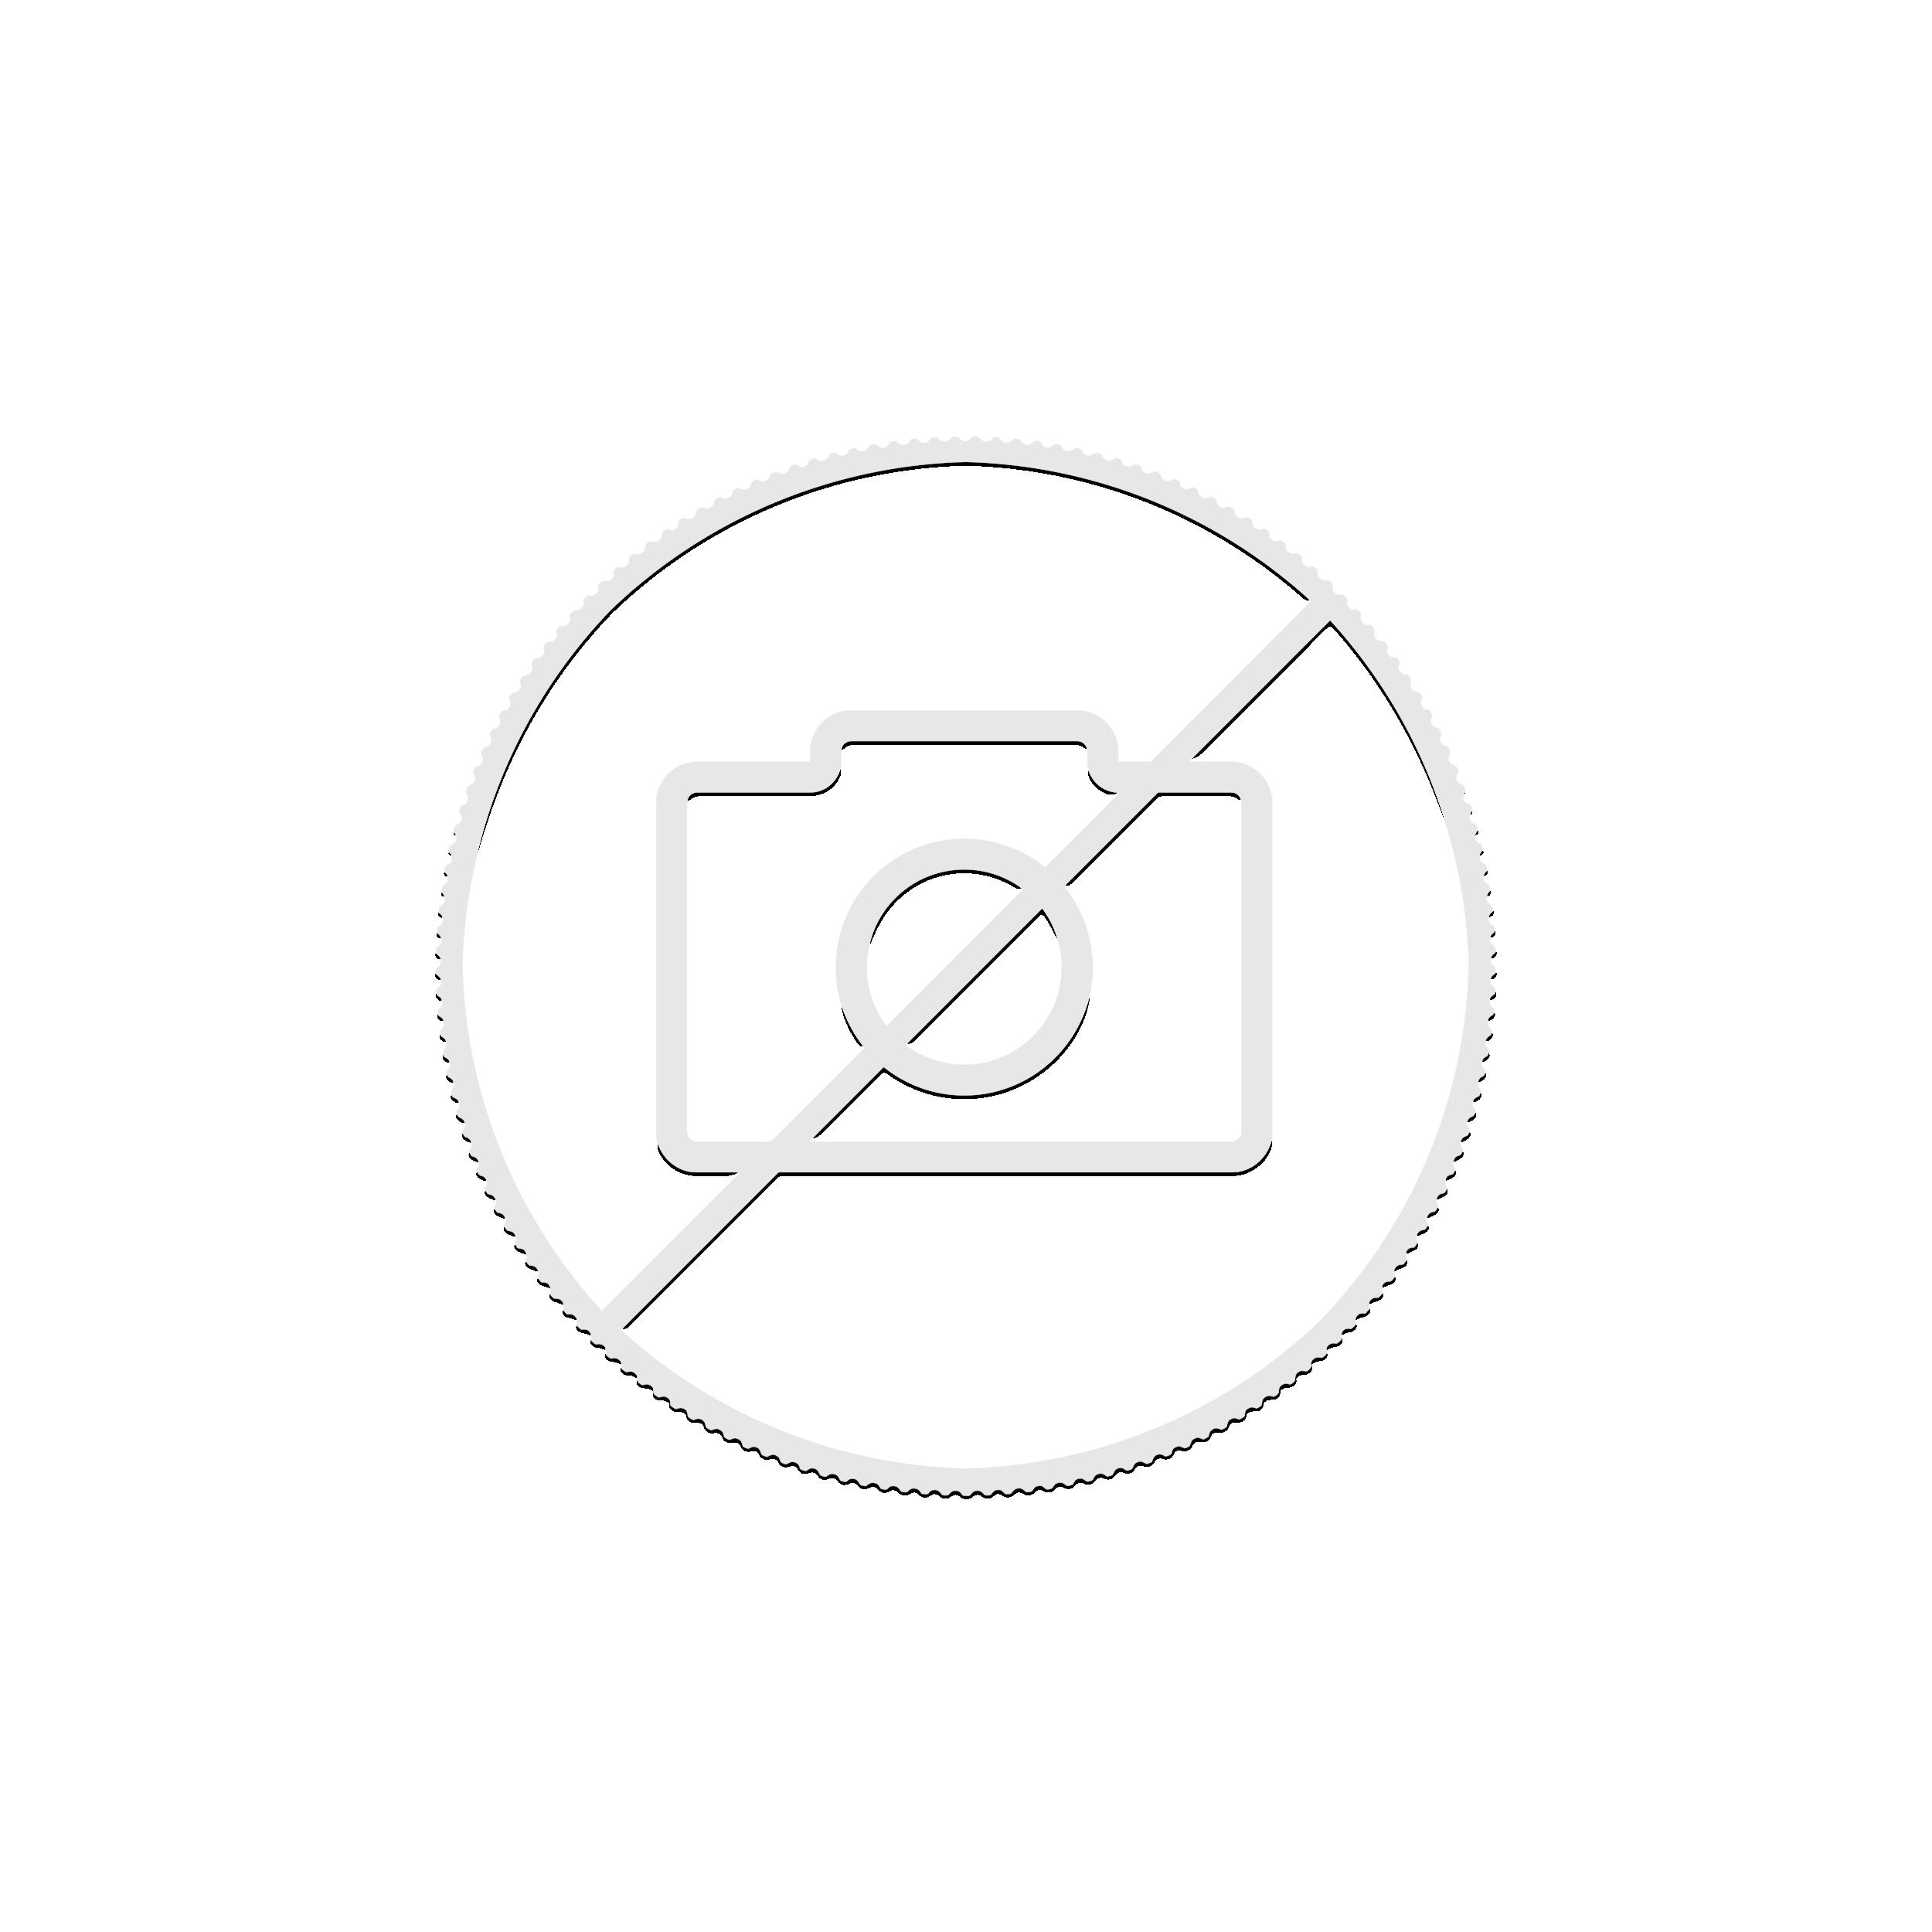 Schone Edelmetaal goudbaar